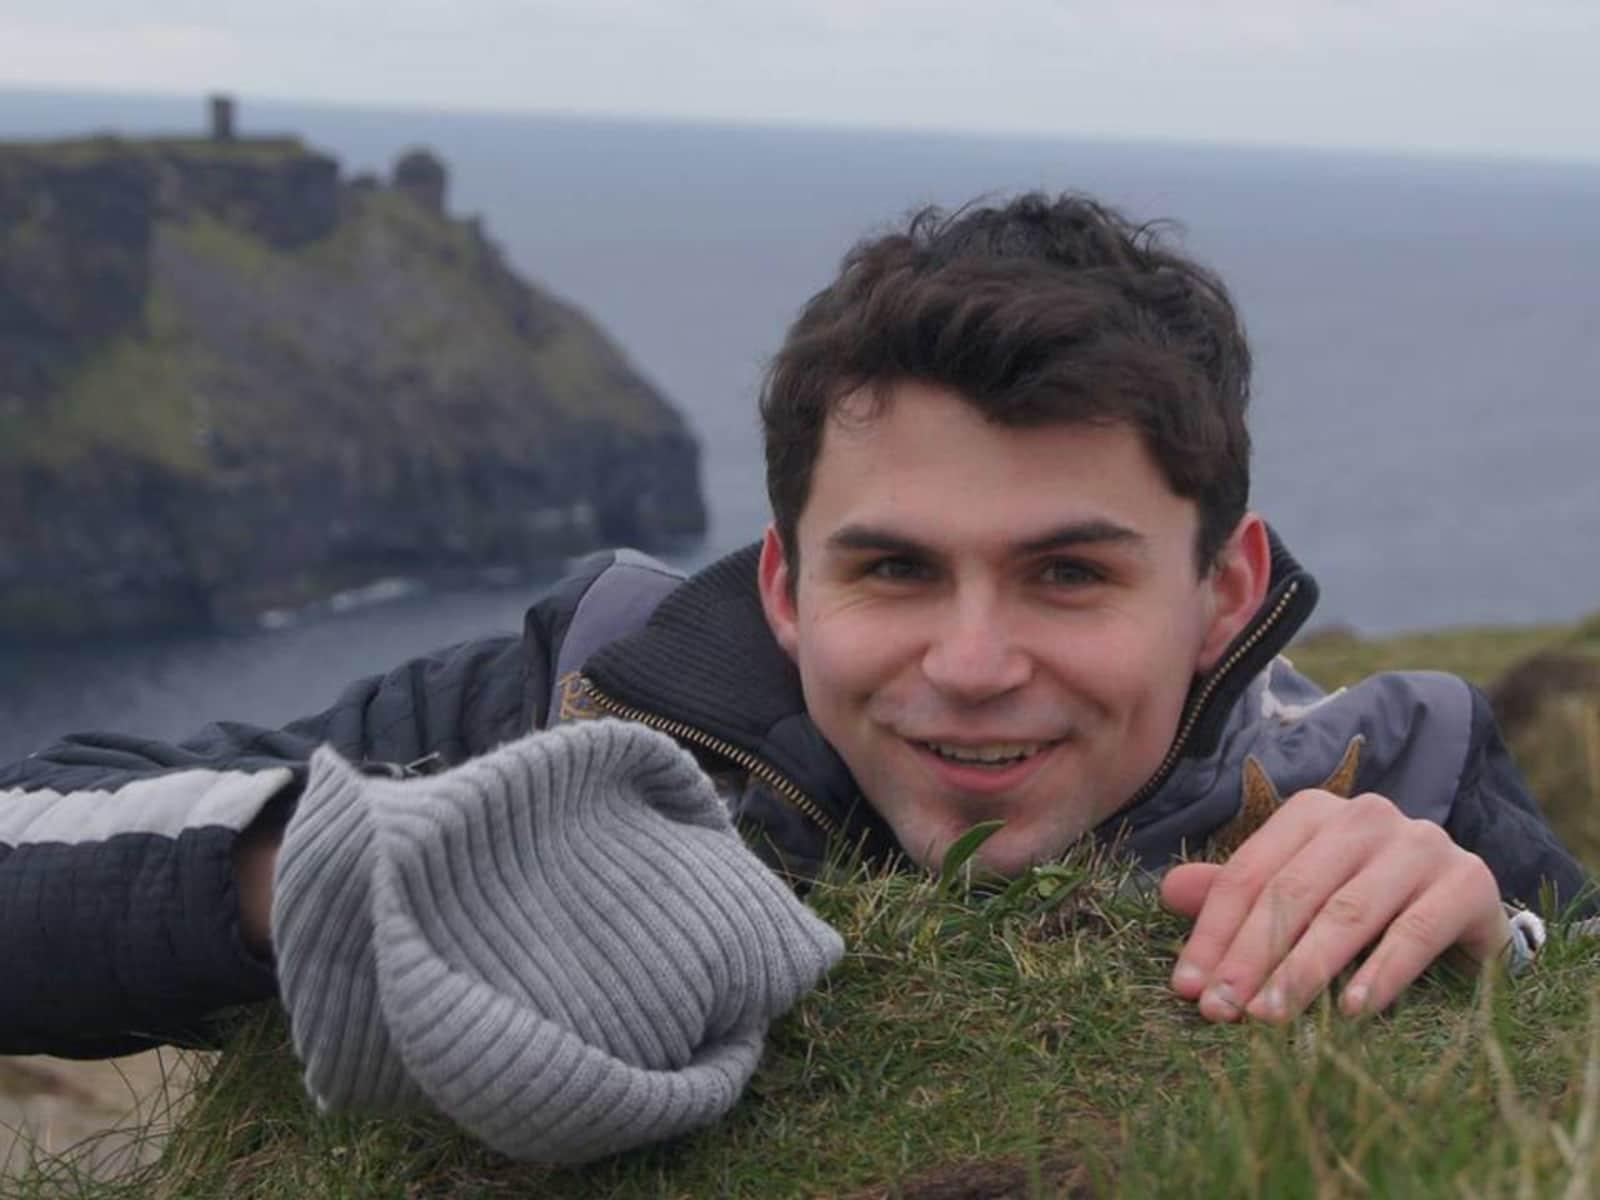 Emmet from Luimneach, Ireland